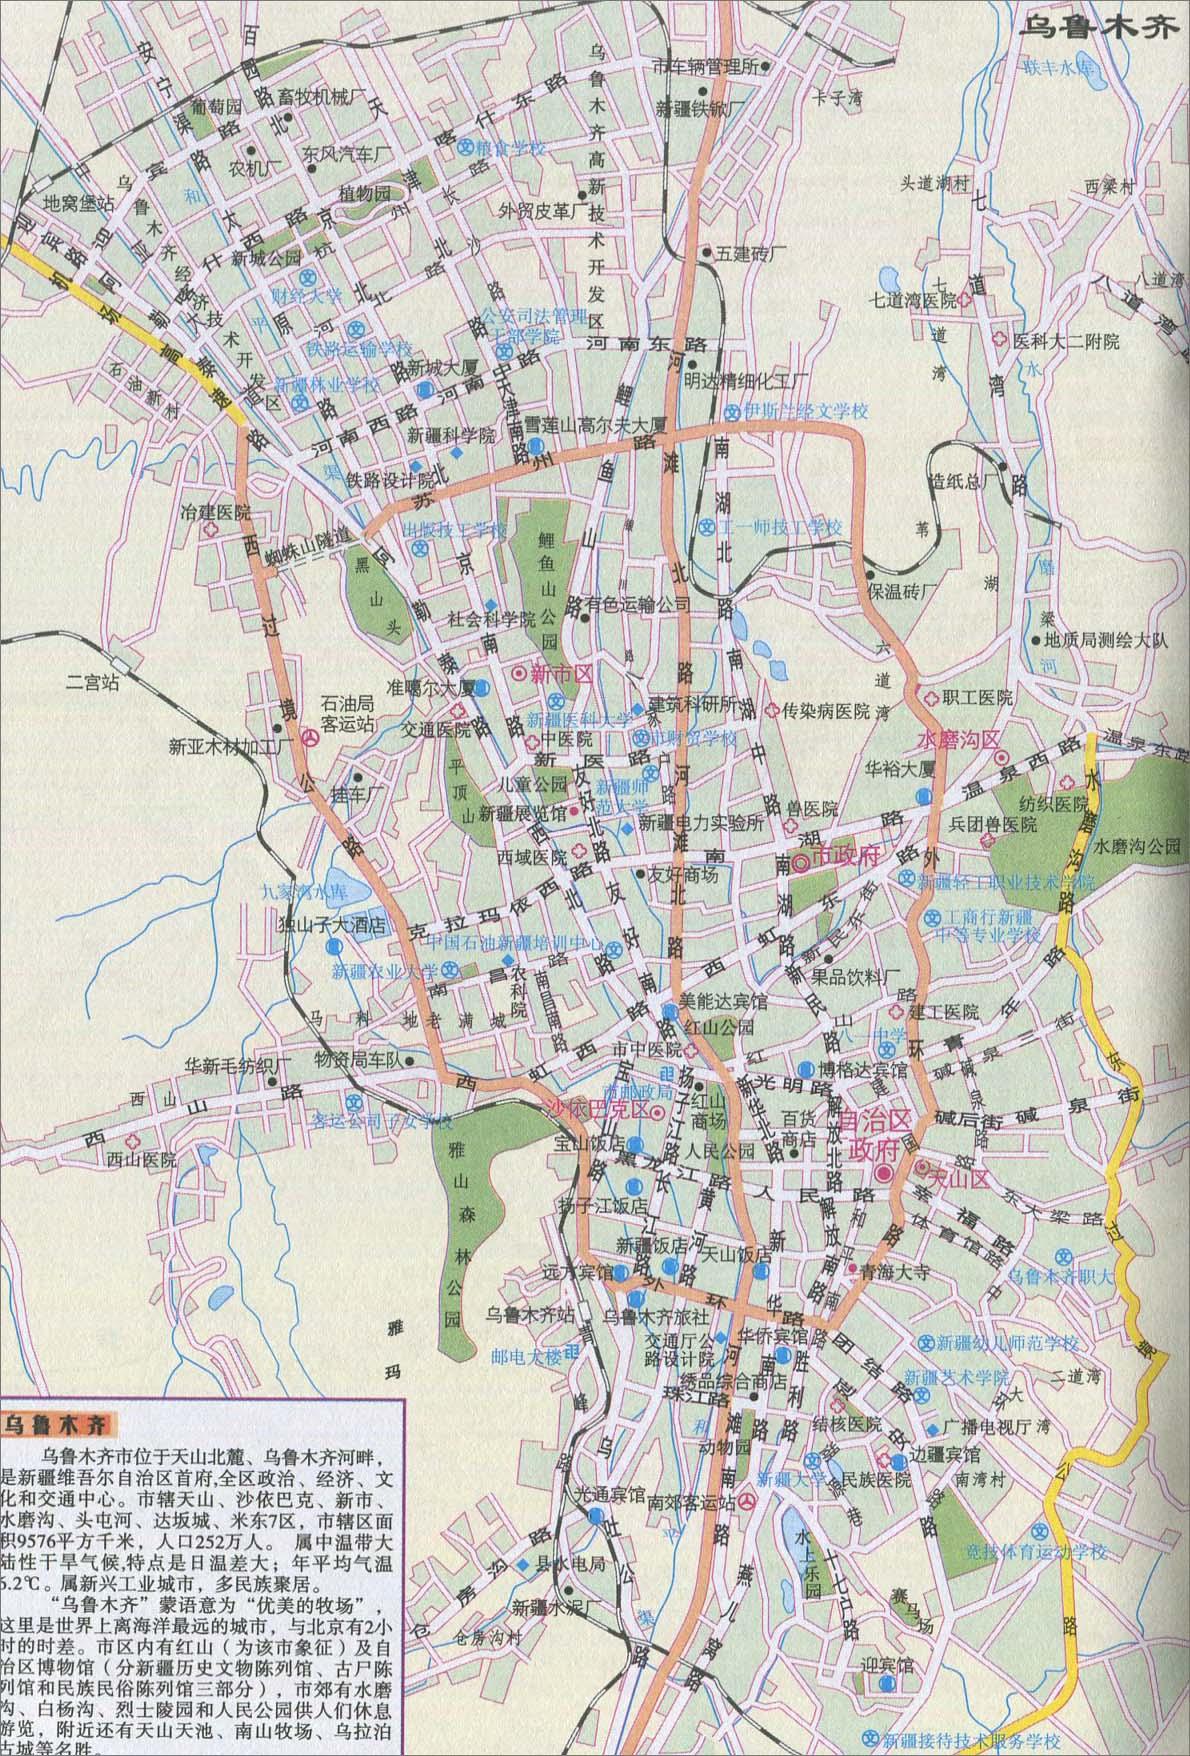 地图库 旅游地图 新疆旅游 >> 乌鲁木齐城区旅游地图  分类: 新疆旅游图片